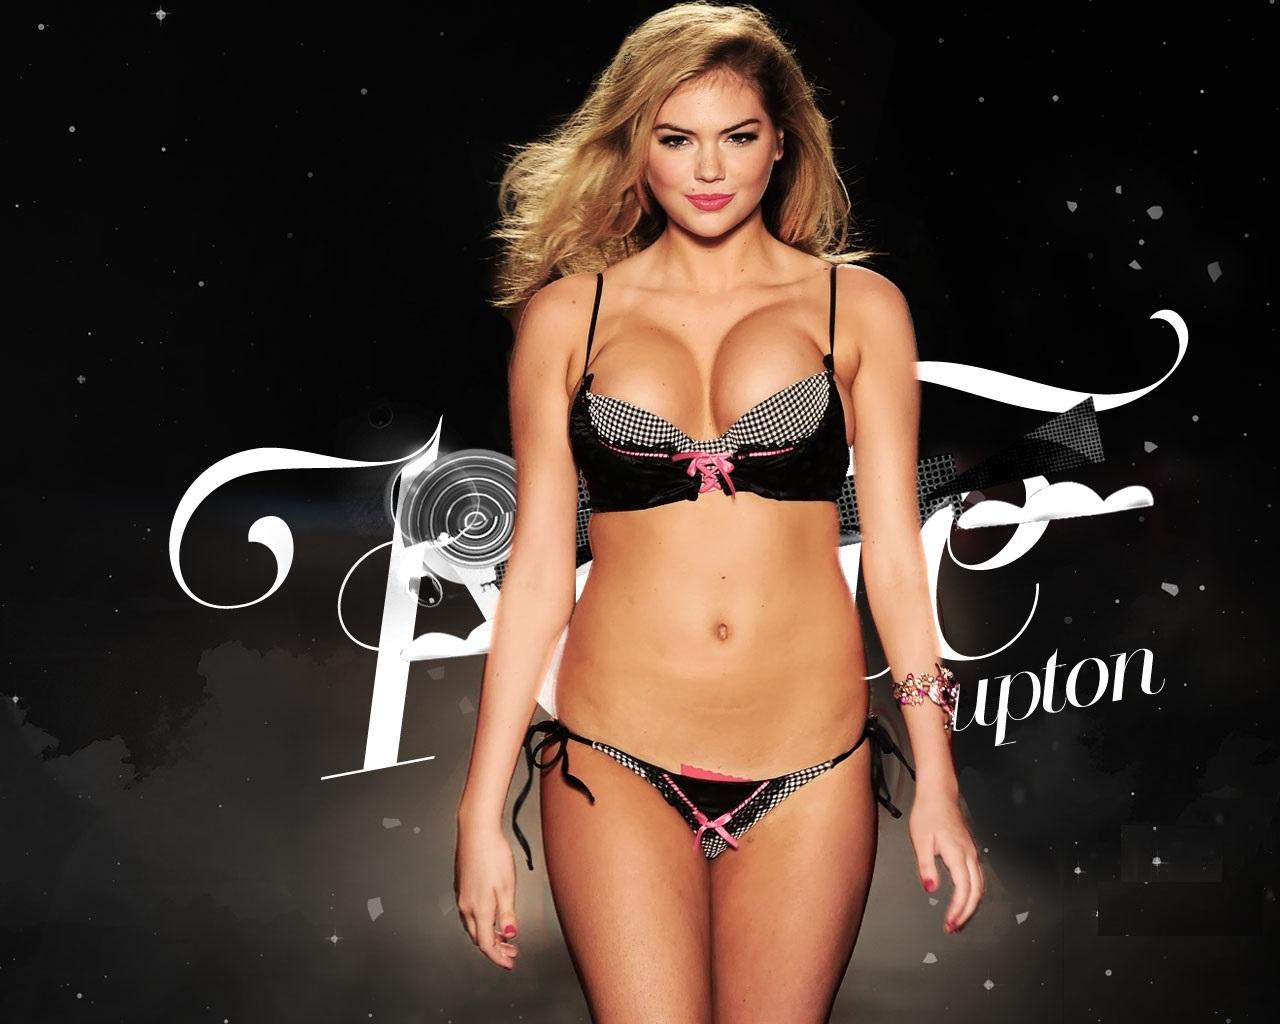 Top ten sexy girl models